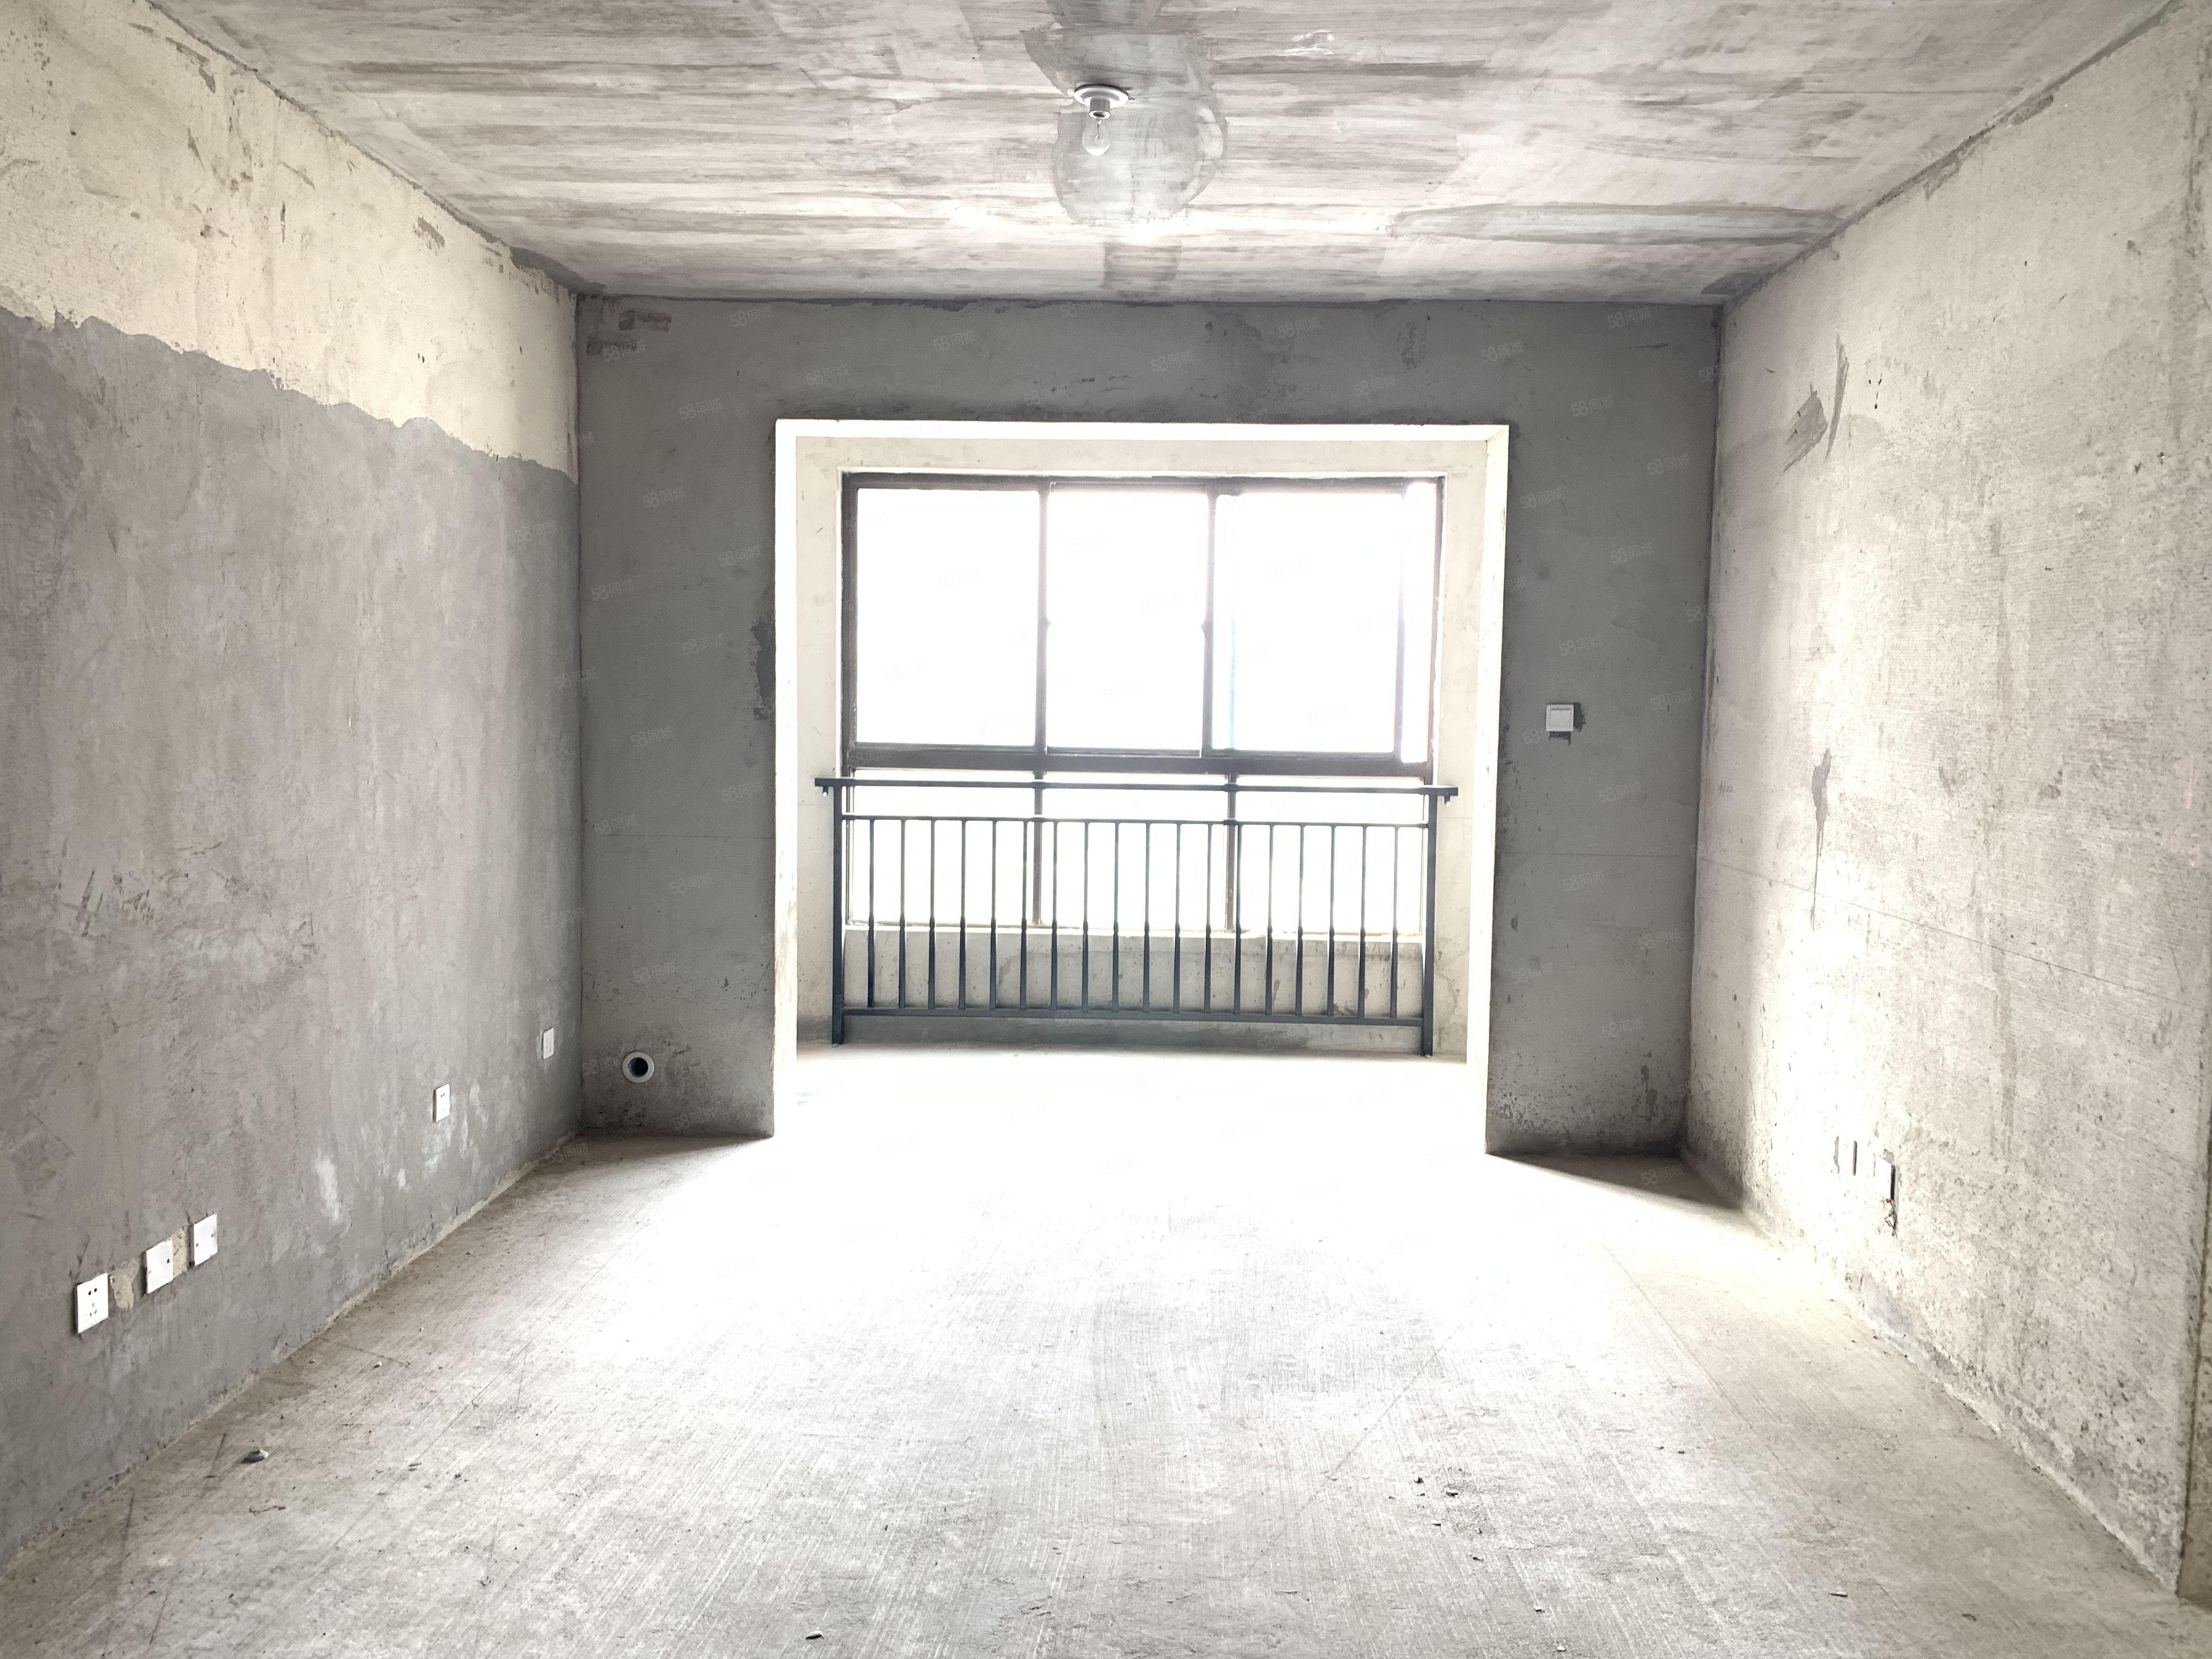 宏基天城醉南排三室朝陽飛機戶型中間樓層采光好證齊可貸款隨時看